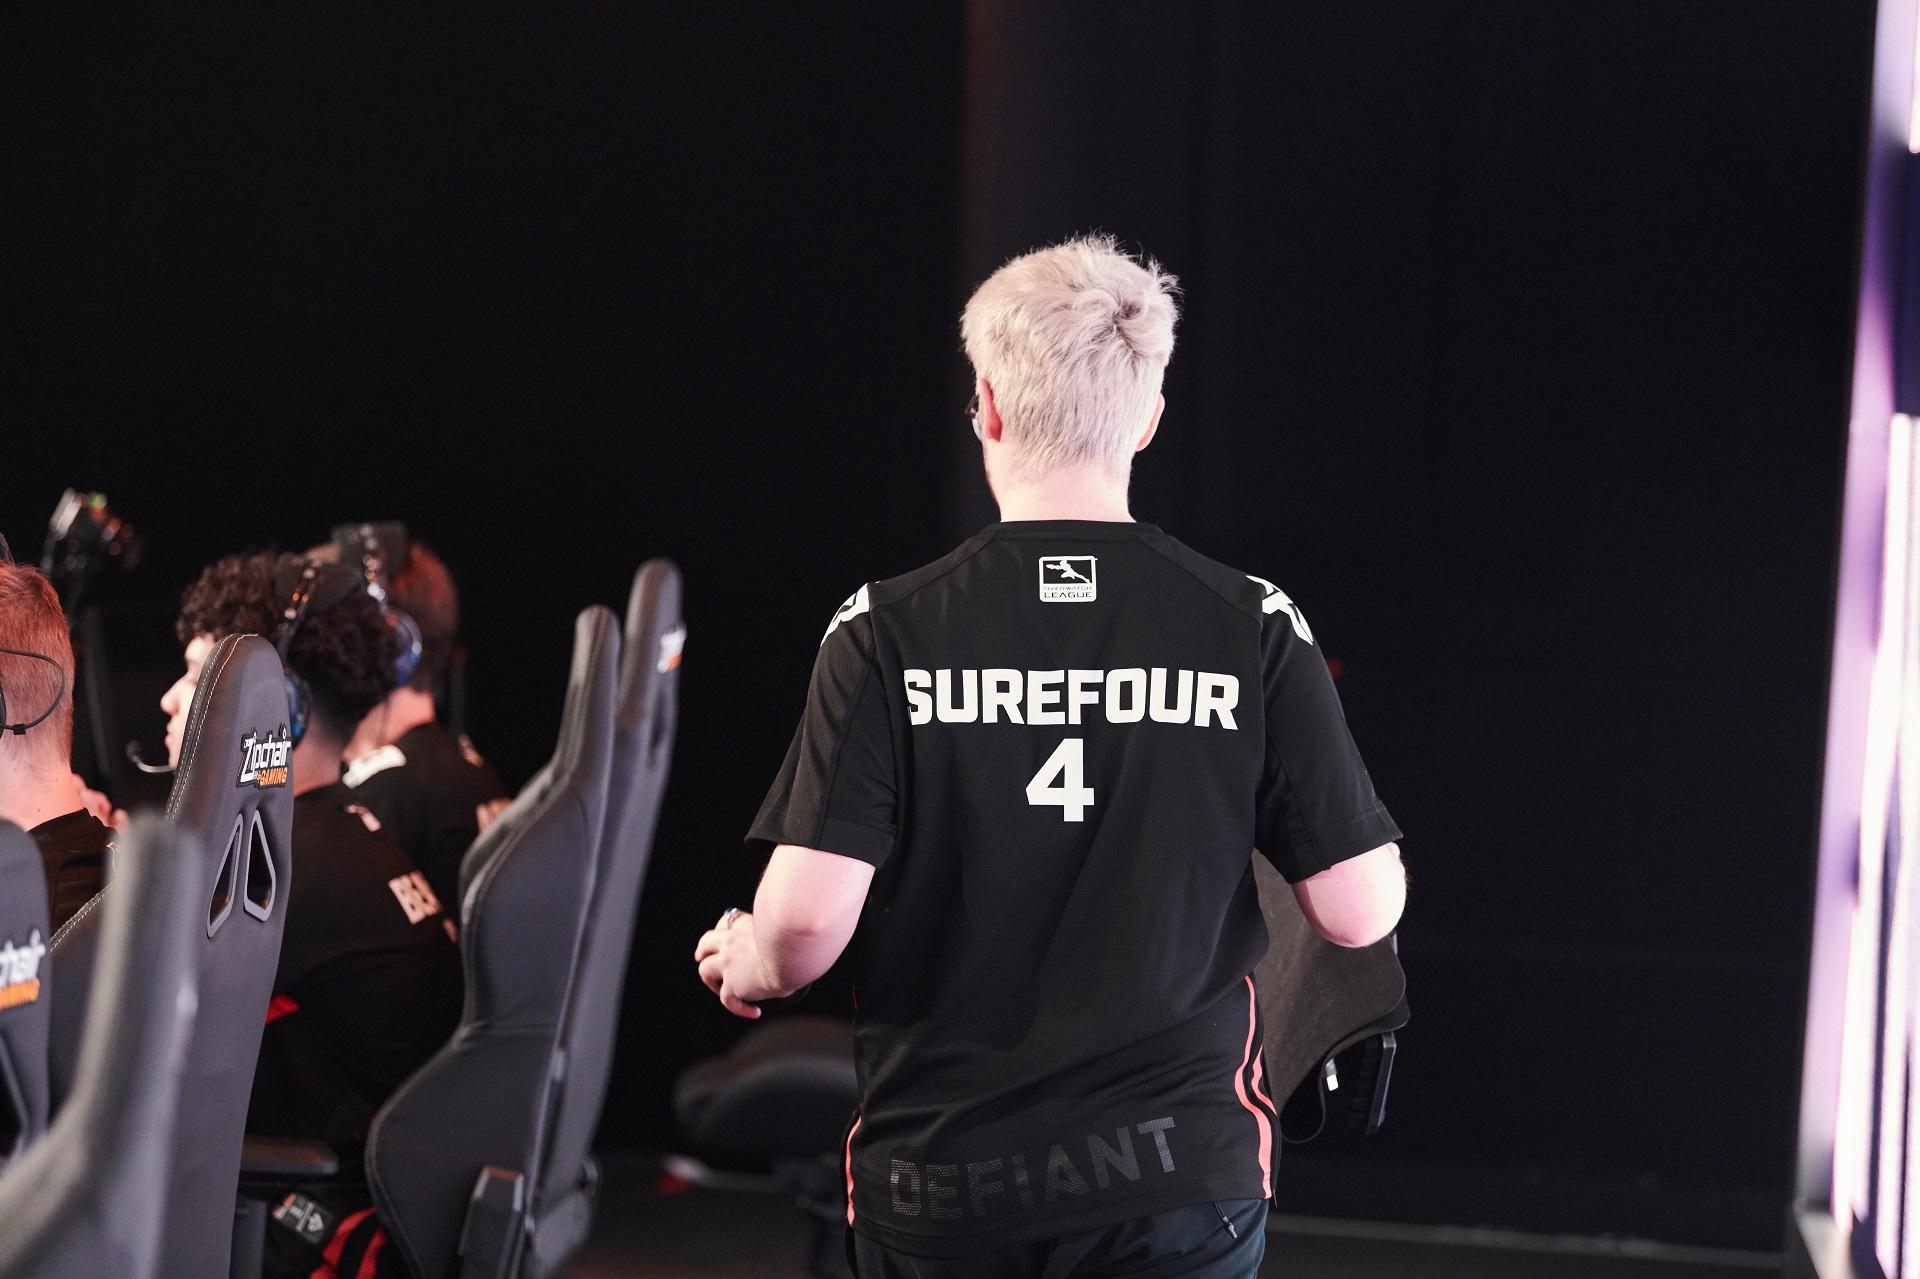 Phỏng vấn Toronto Defiant Surefour: Echo, Hero Pools, và đối mặt với đội bóng cũ của họ 1